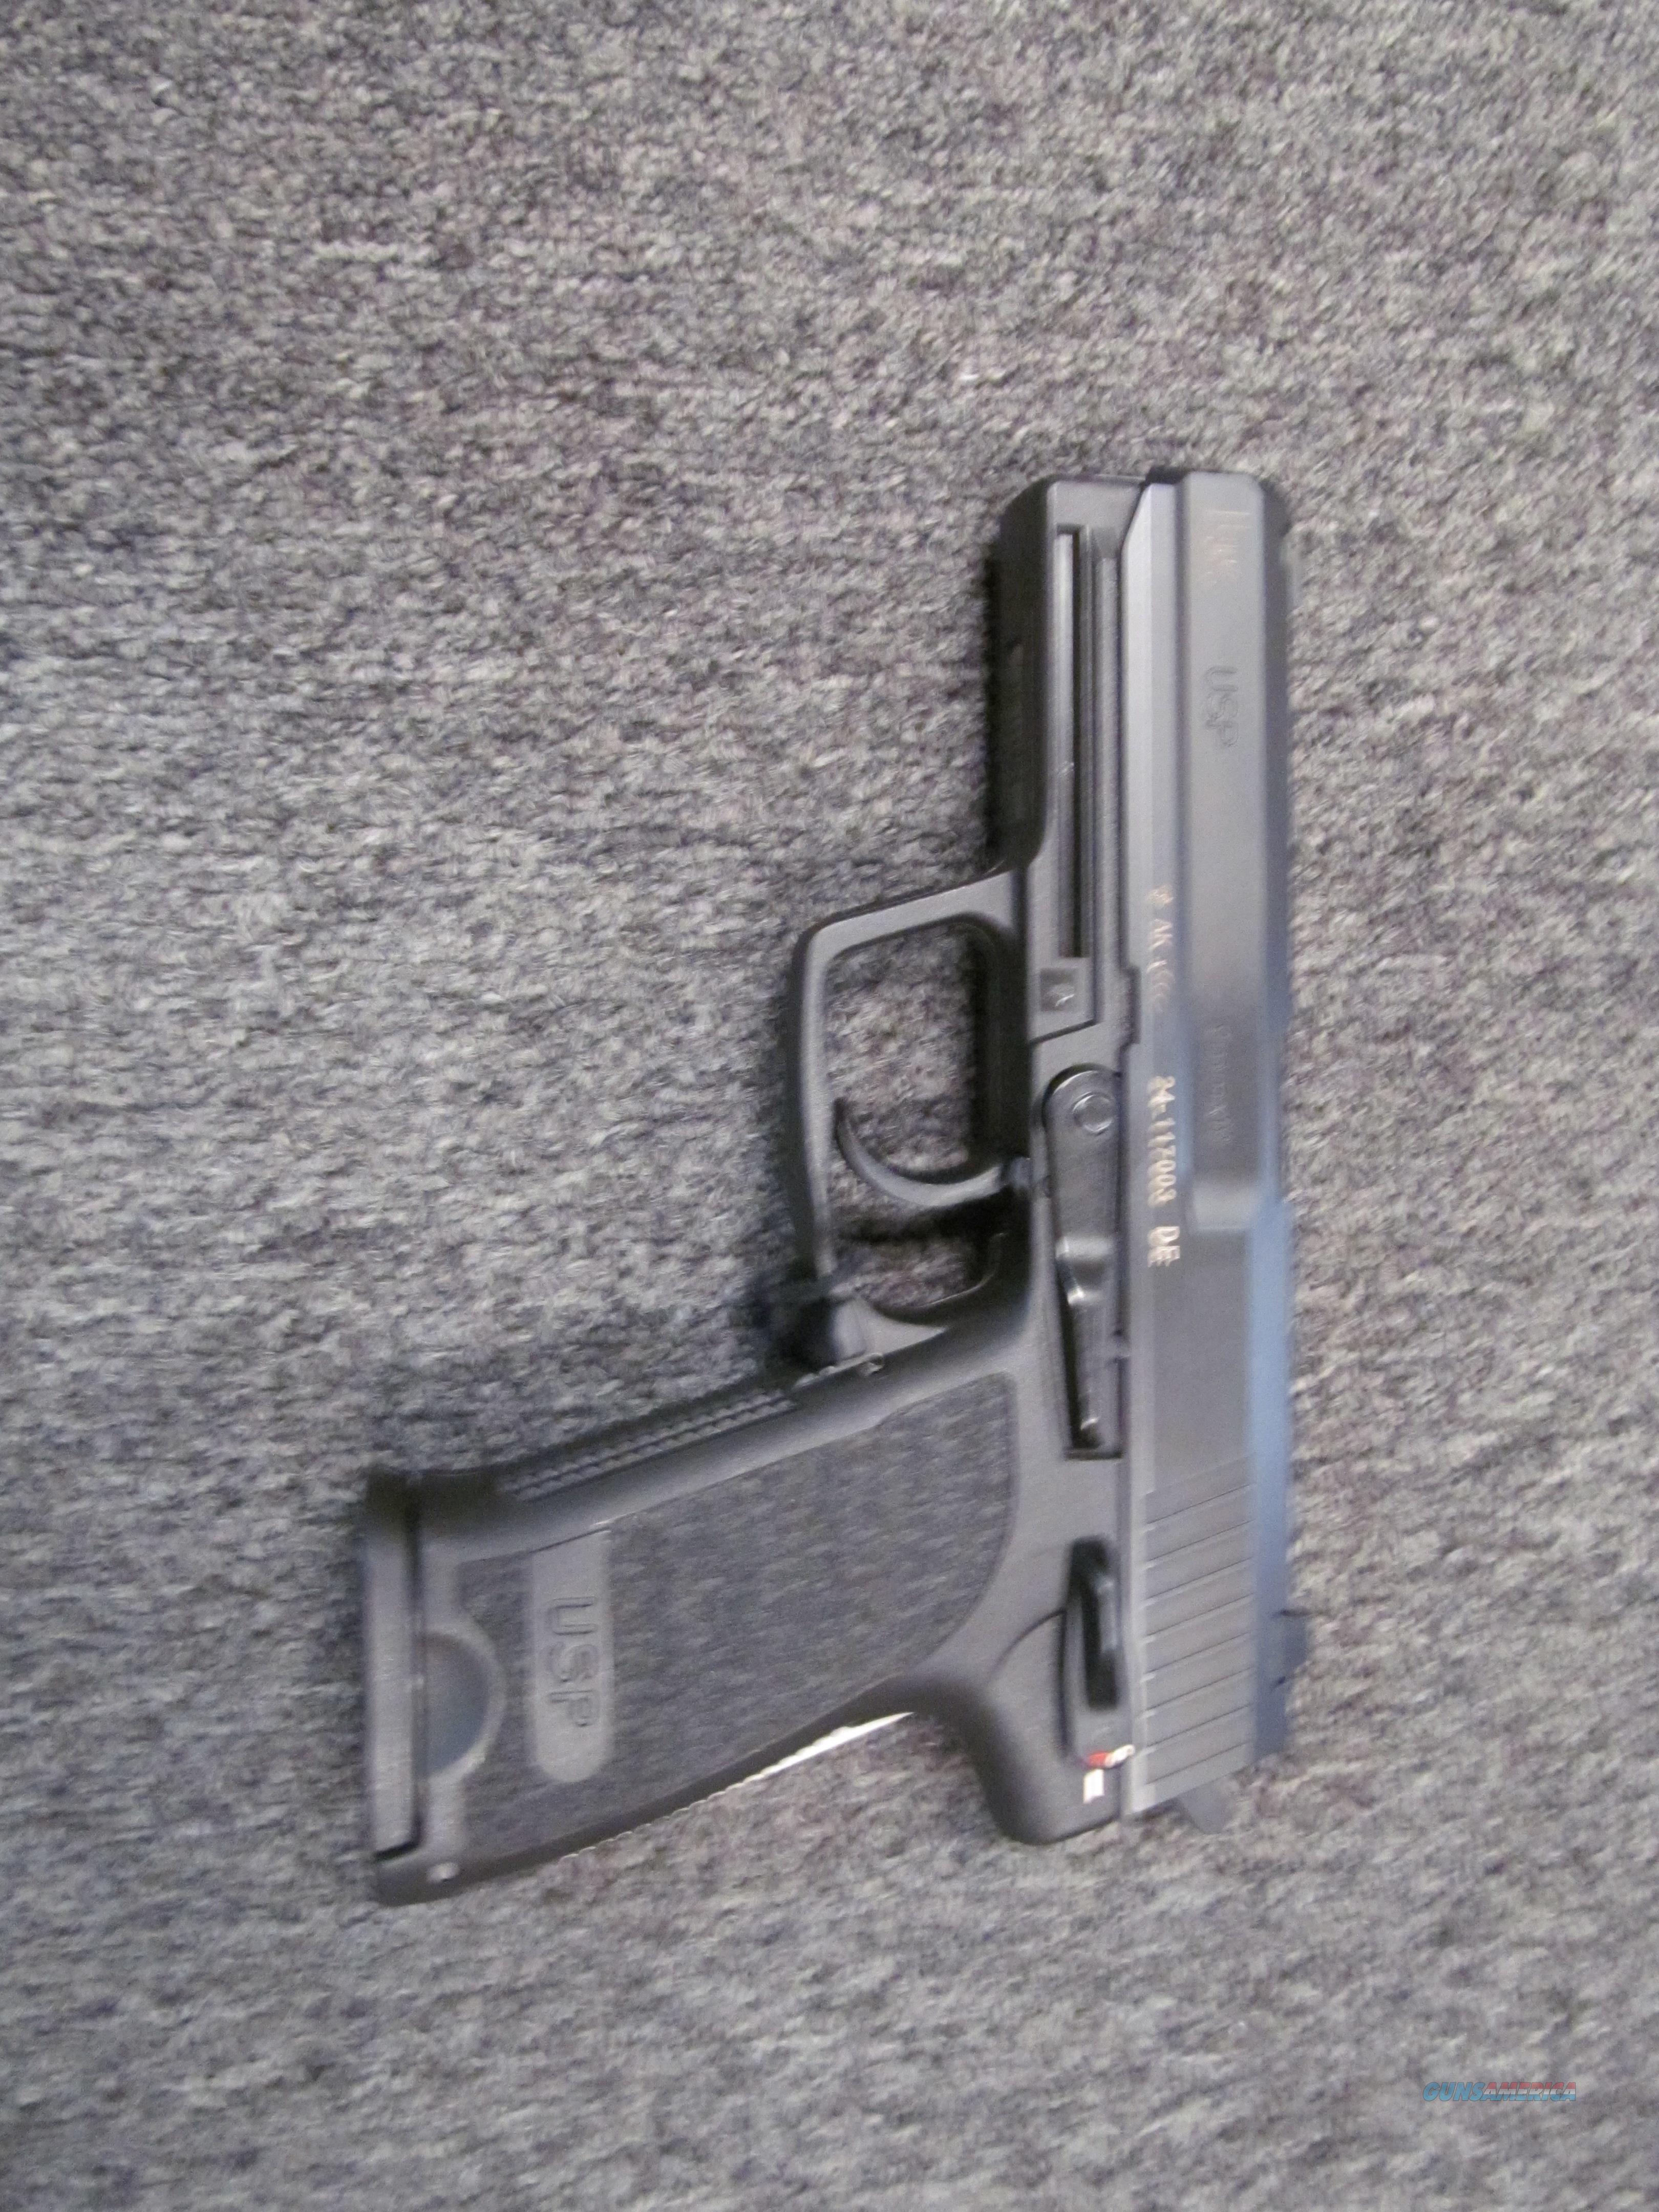 Heckler and Koch USP (Used)  Guns > Pistols > Heckler & Koch Pistols > Polymer Frame